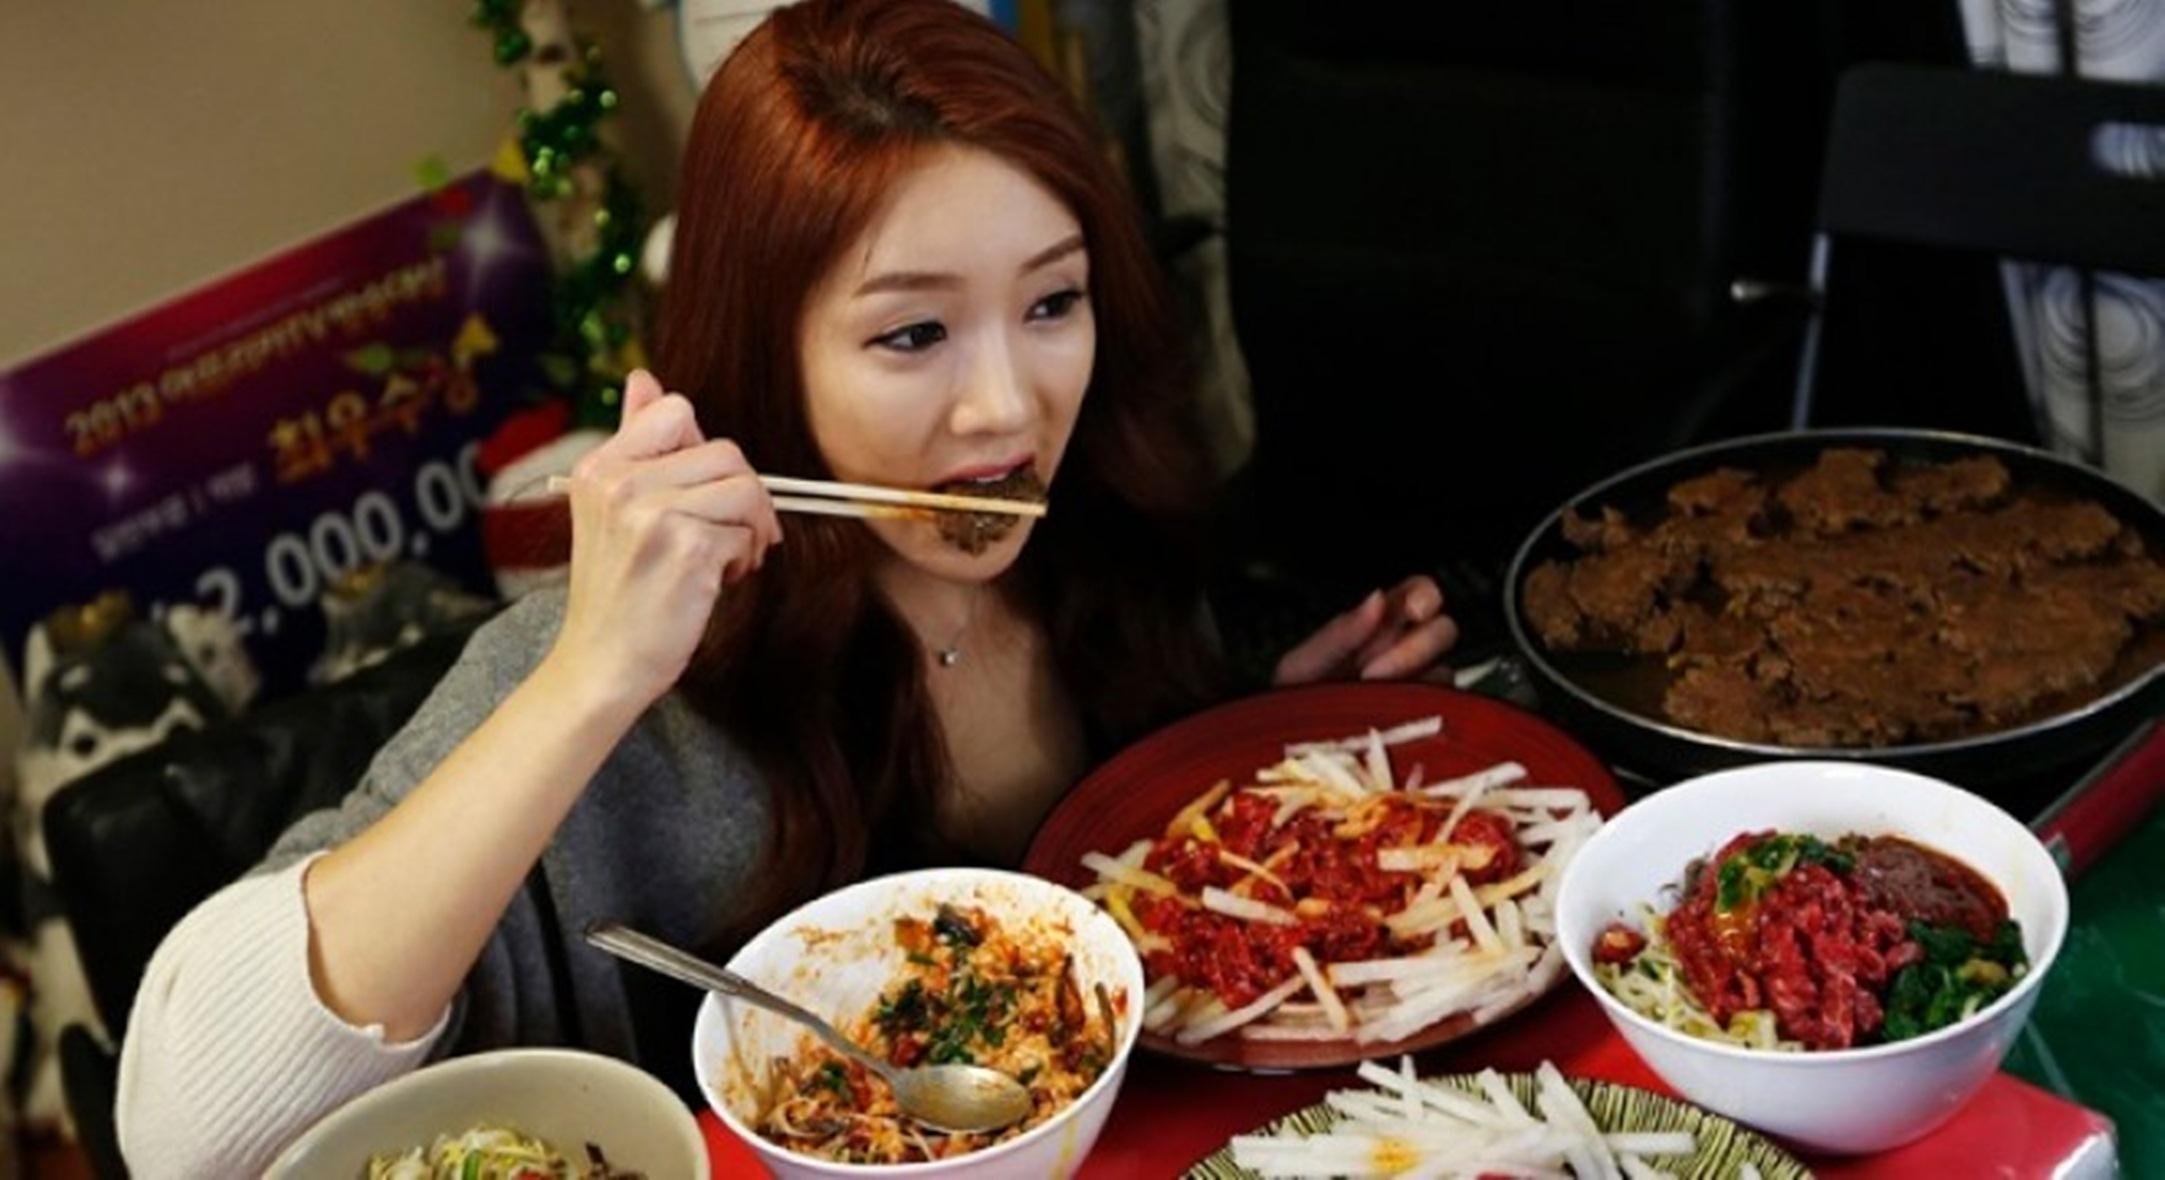 Berhati - hati, Suka Makan Pedas Bisa Menyebabkan Daya Ingat Menurun 3